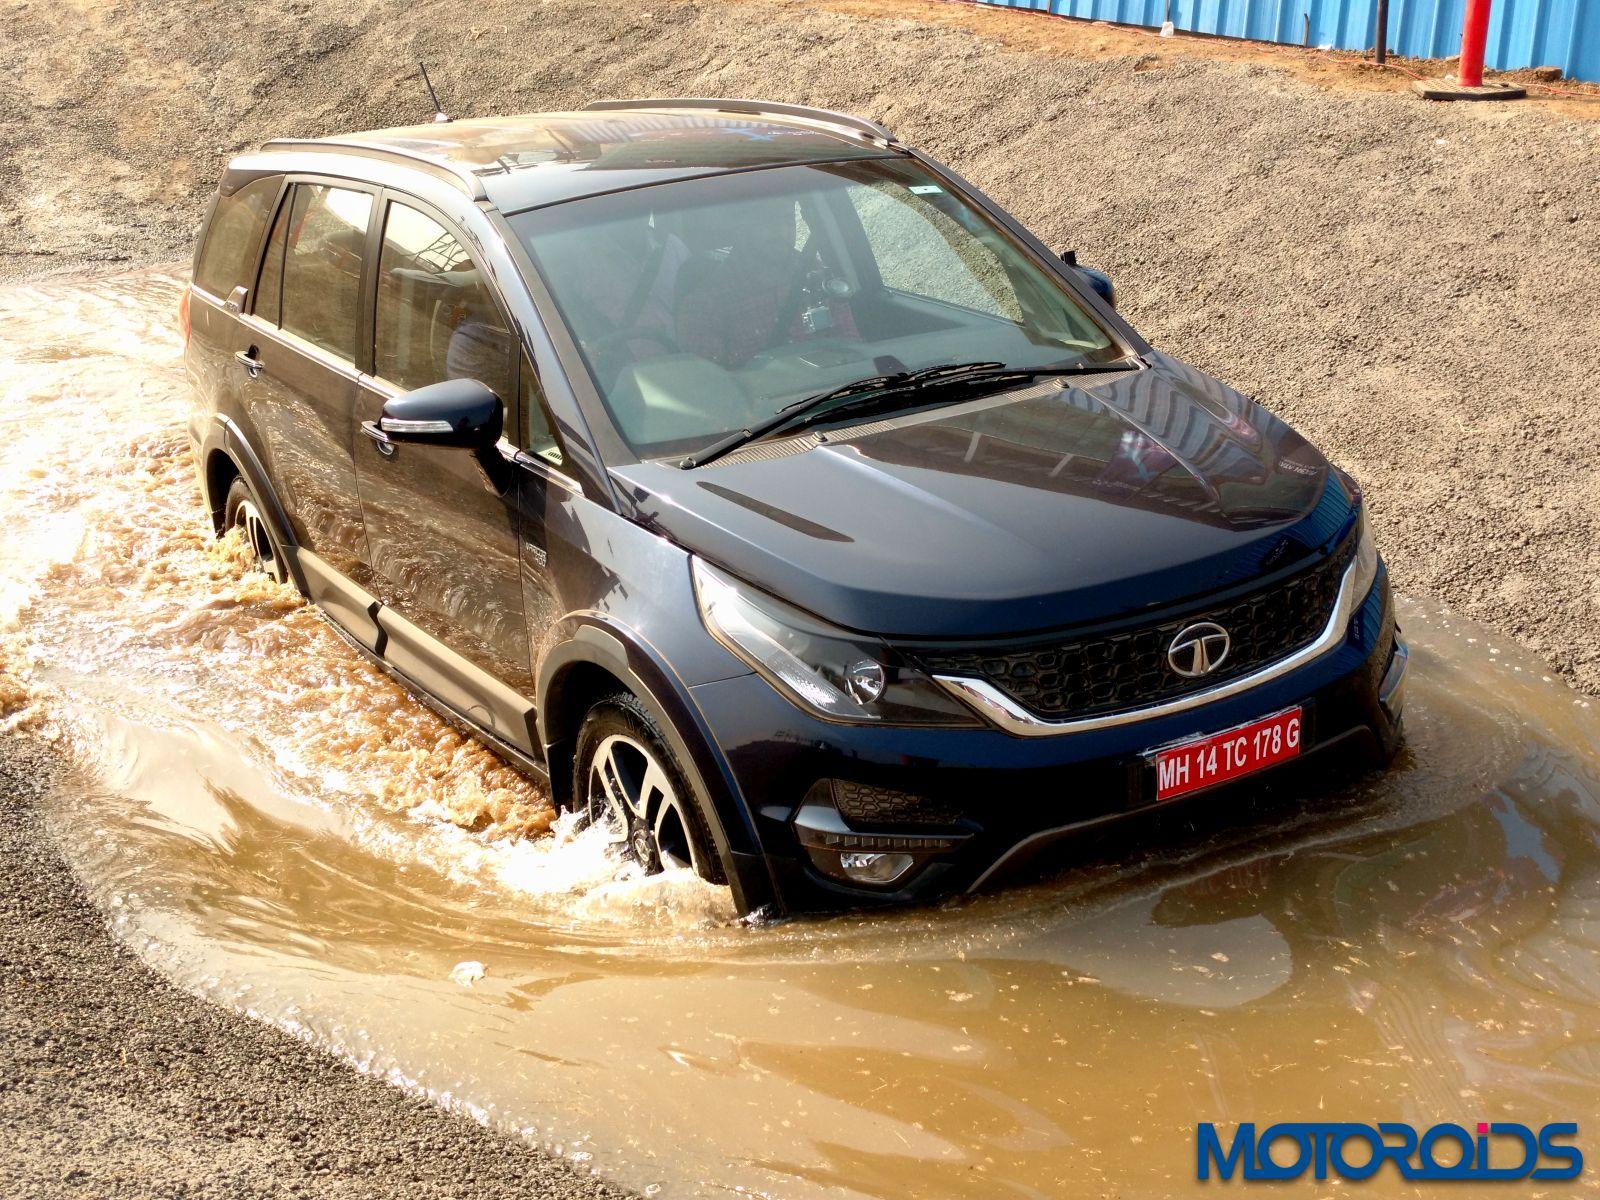 Tata Hexa off-road experience (26)